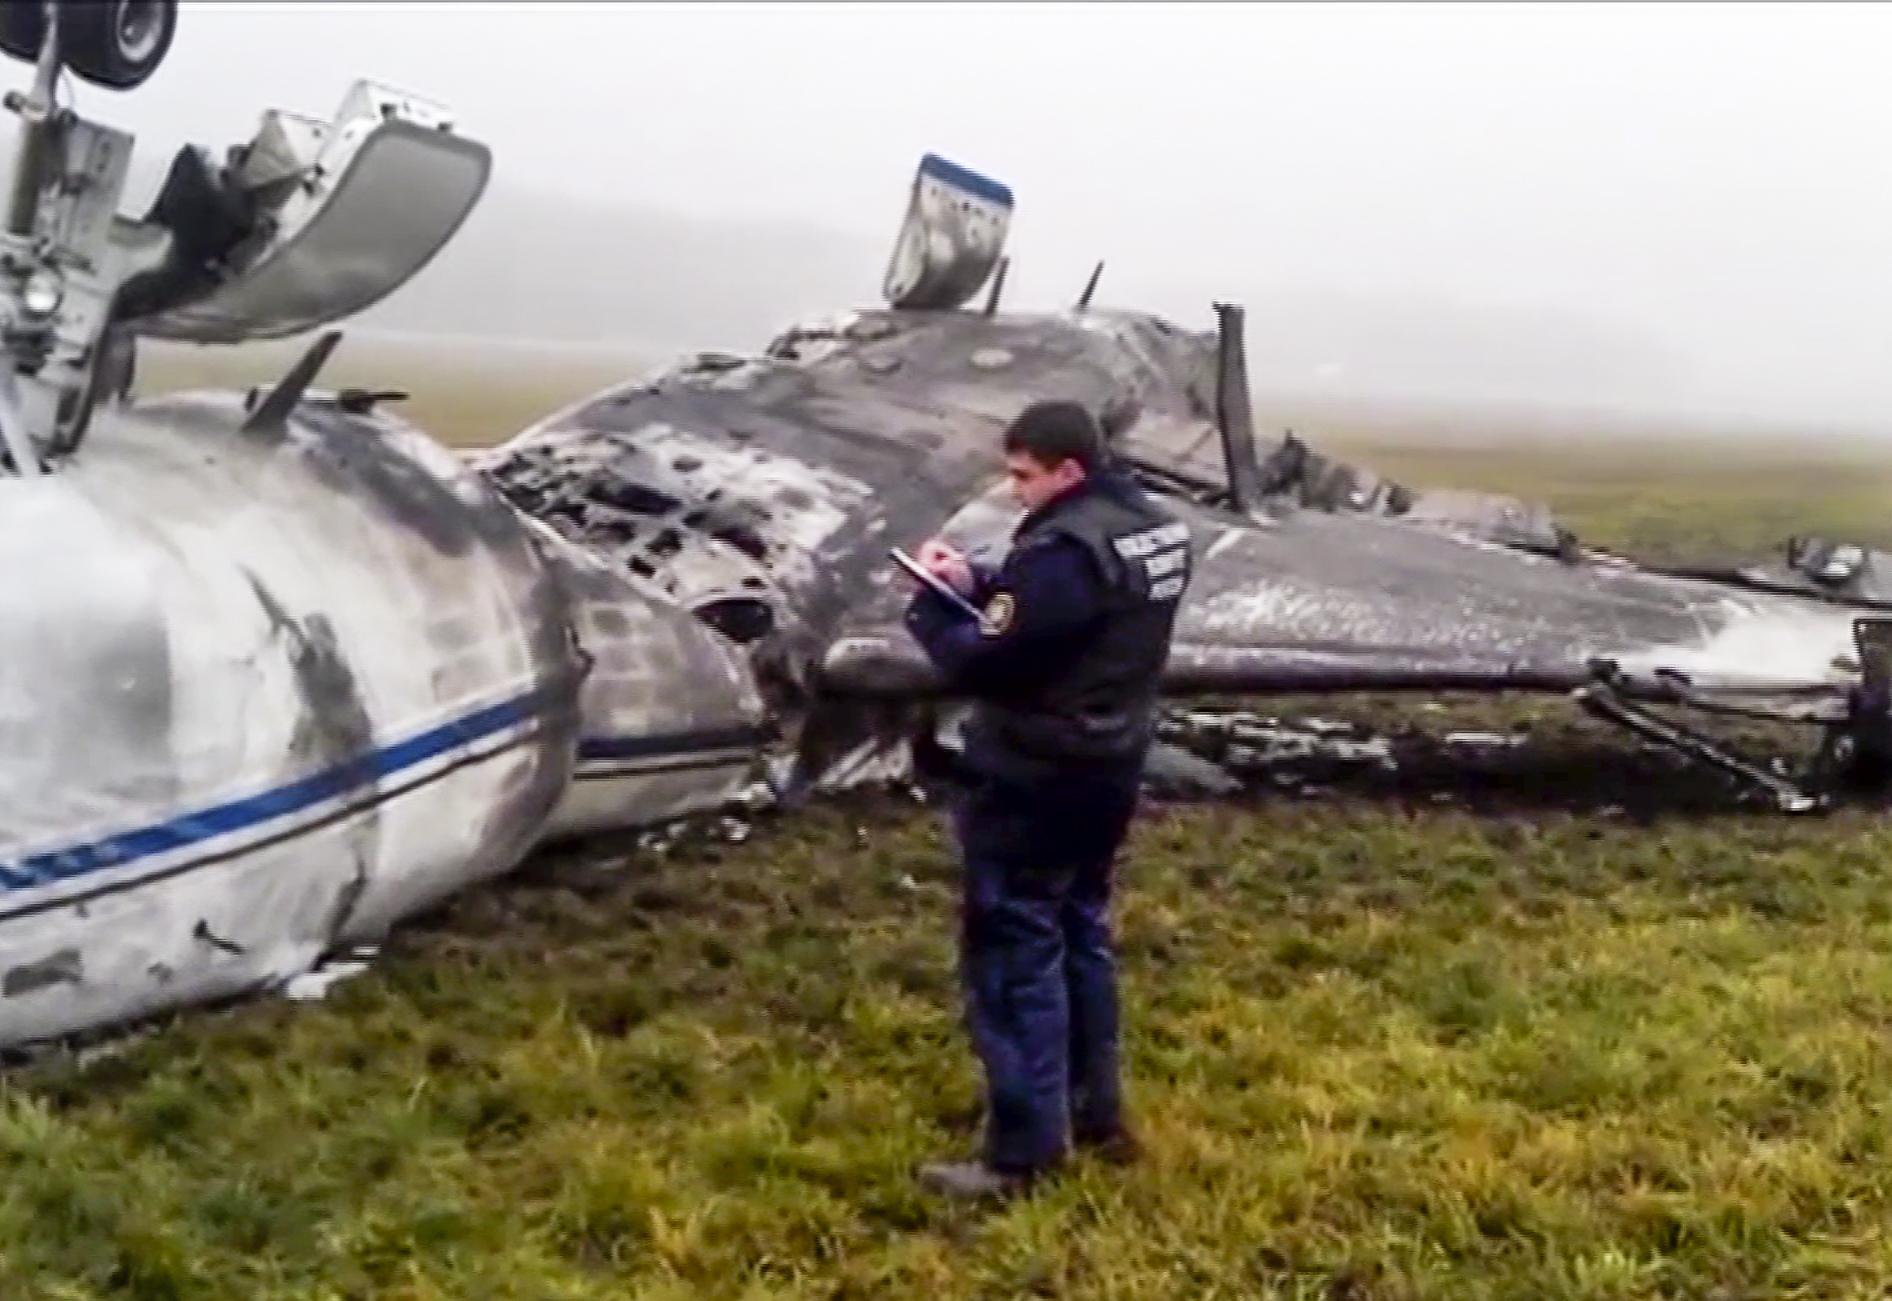 Ρωσία: Νέα σύγκρουση αεροσκάφους-οχήματος σε αεροδρόμιο | tovima.gr